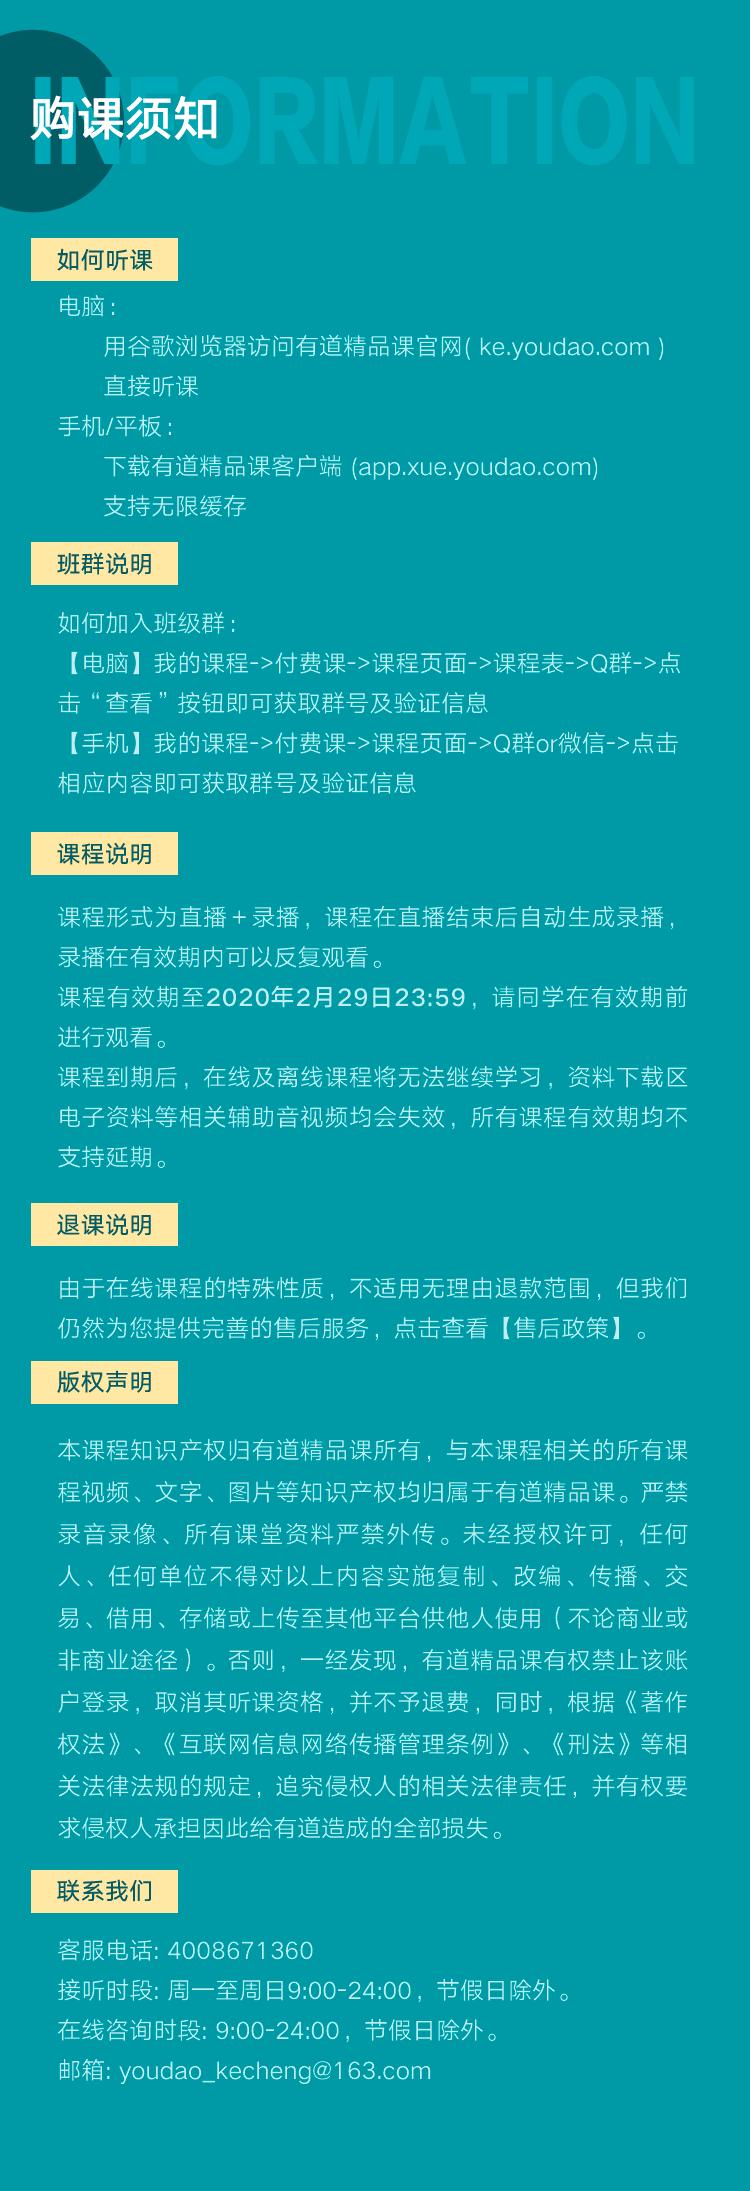 购课须知,有效期至2020年2月29日23:59